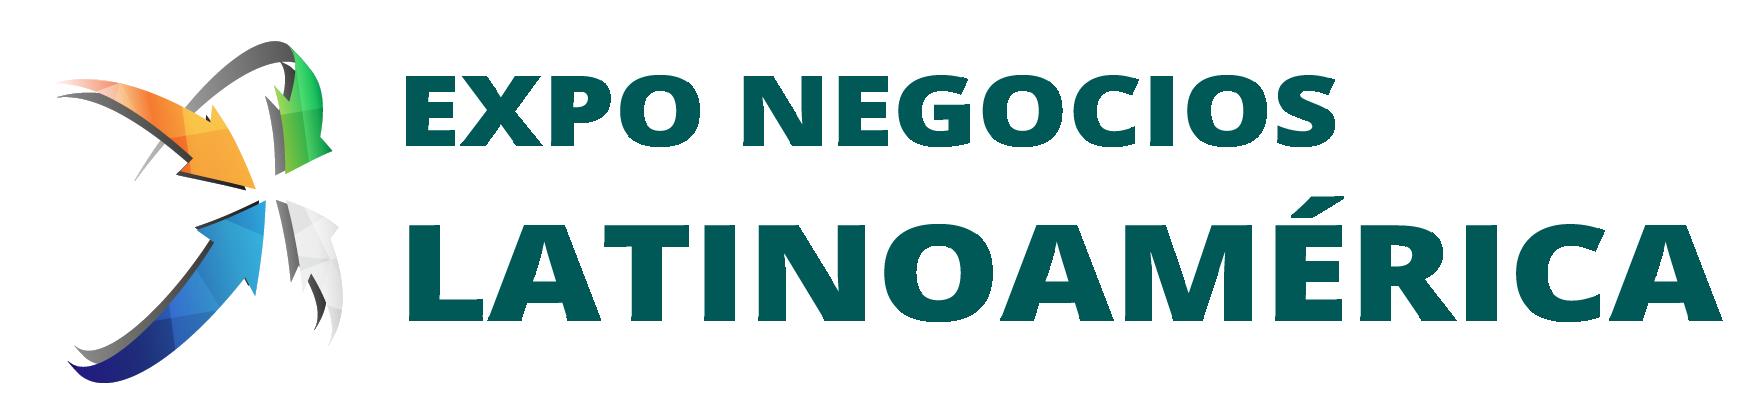 EXPO NEGOCIOS LATINOAMÉRICA